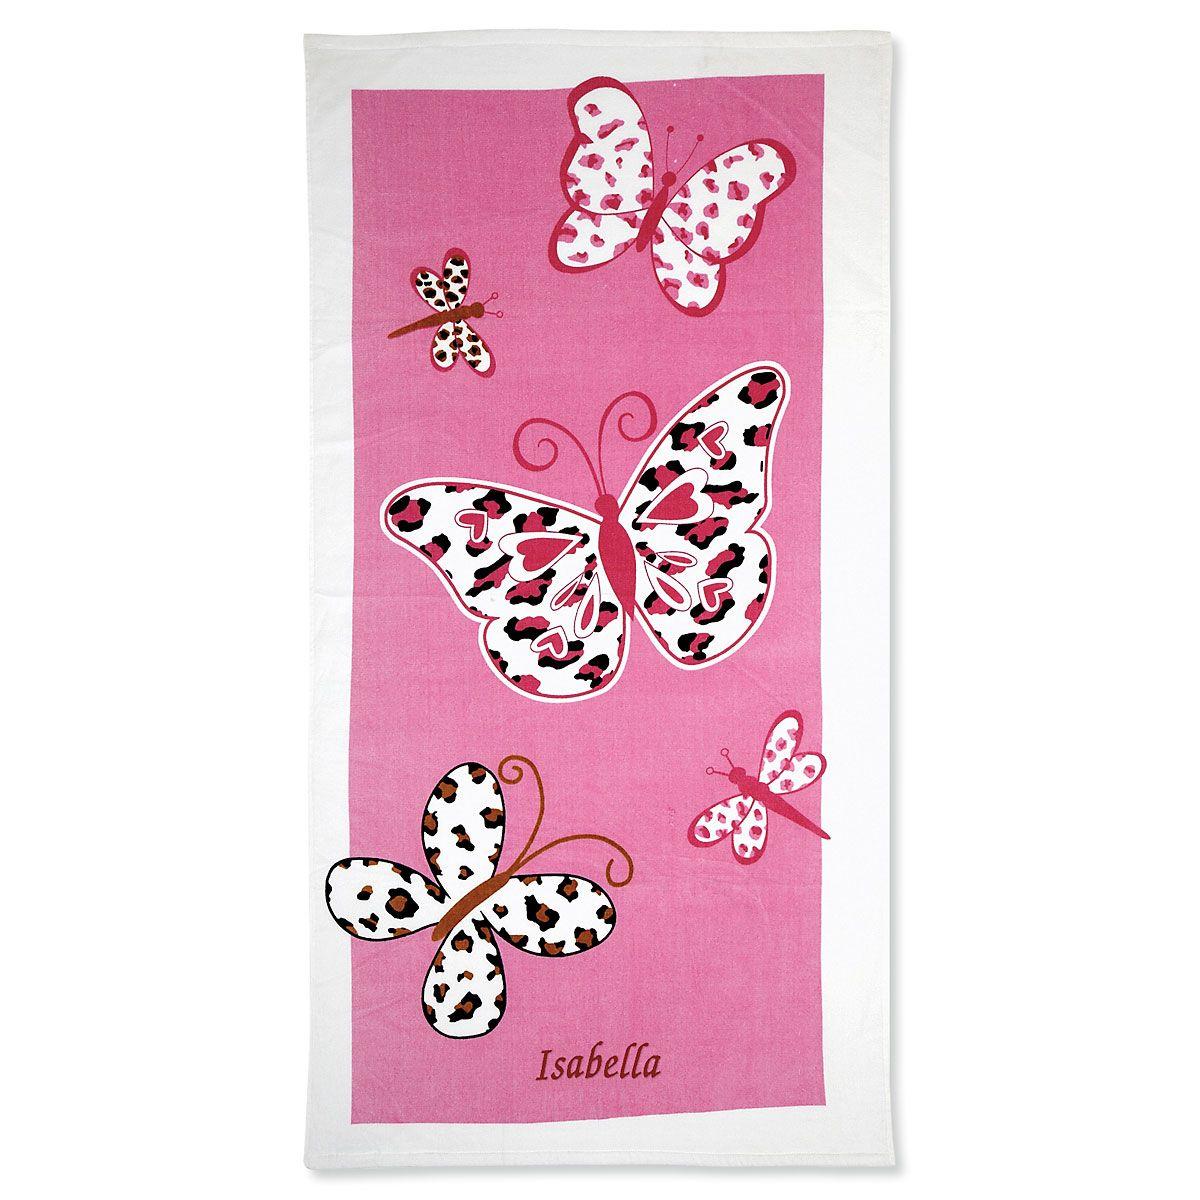 Leopard Butterflies Personalized Towel